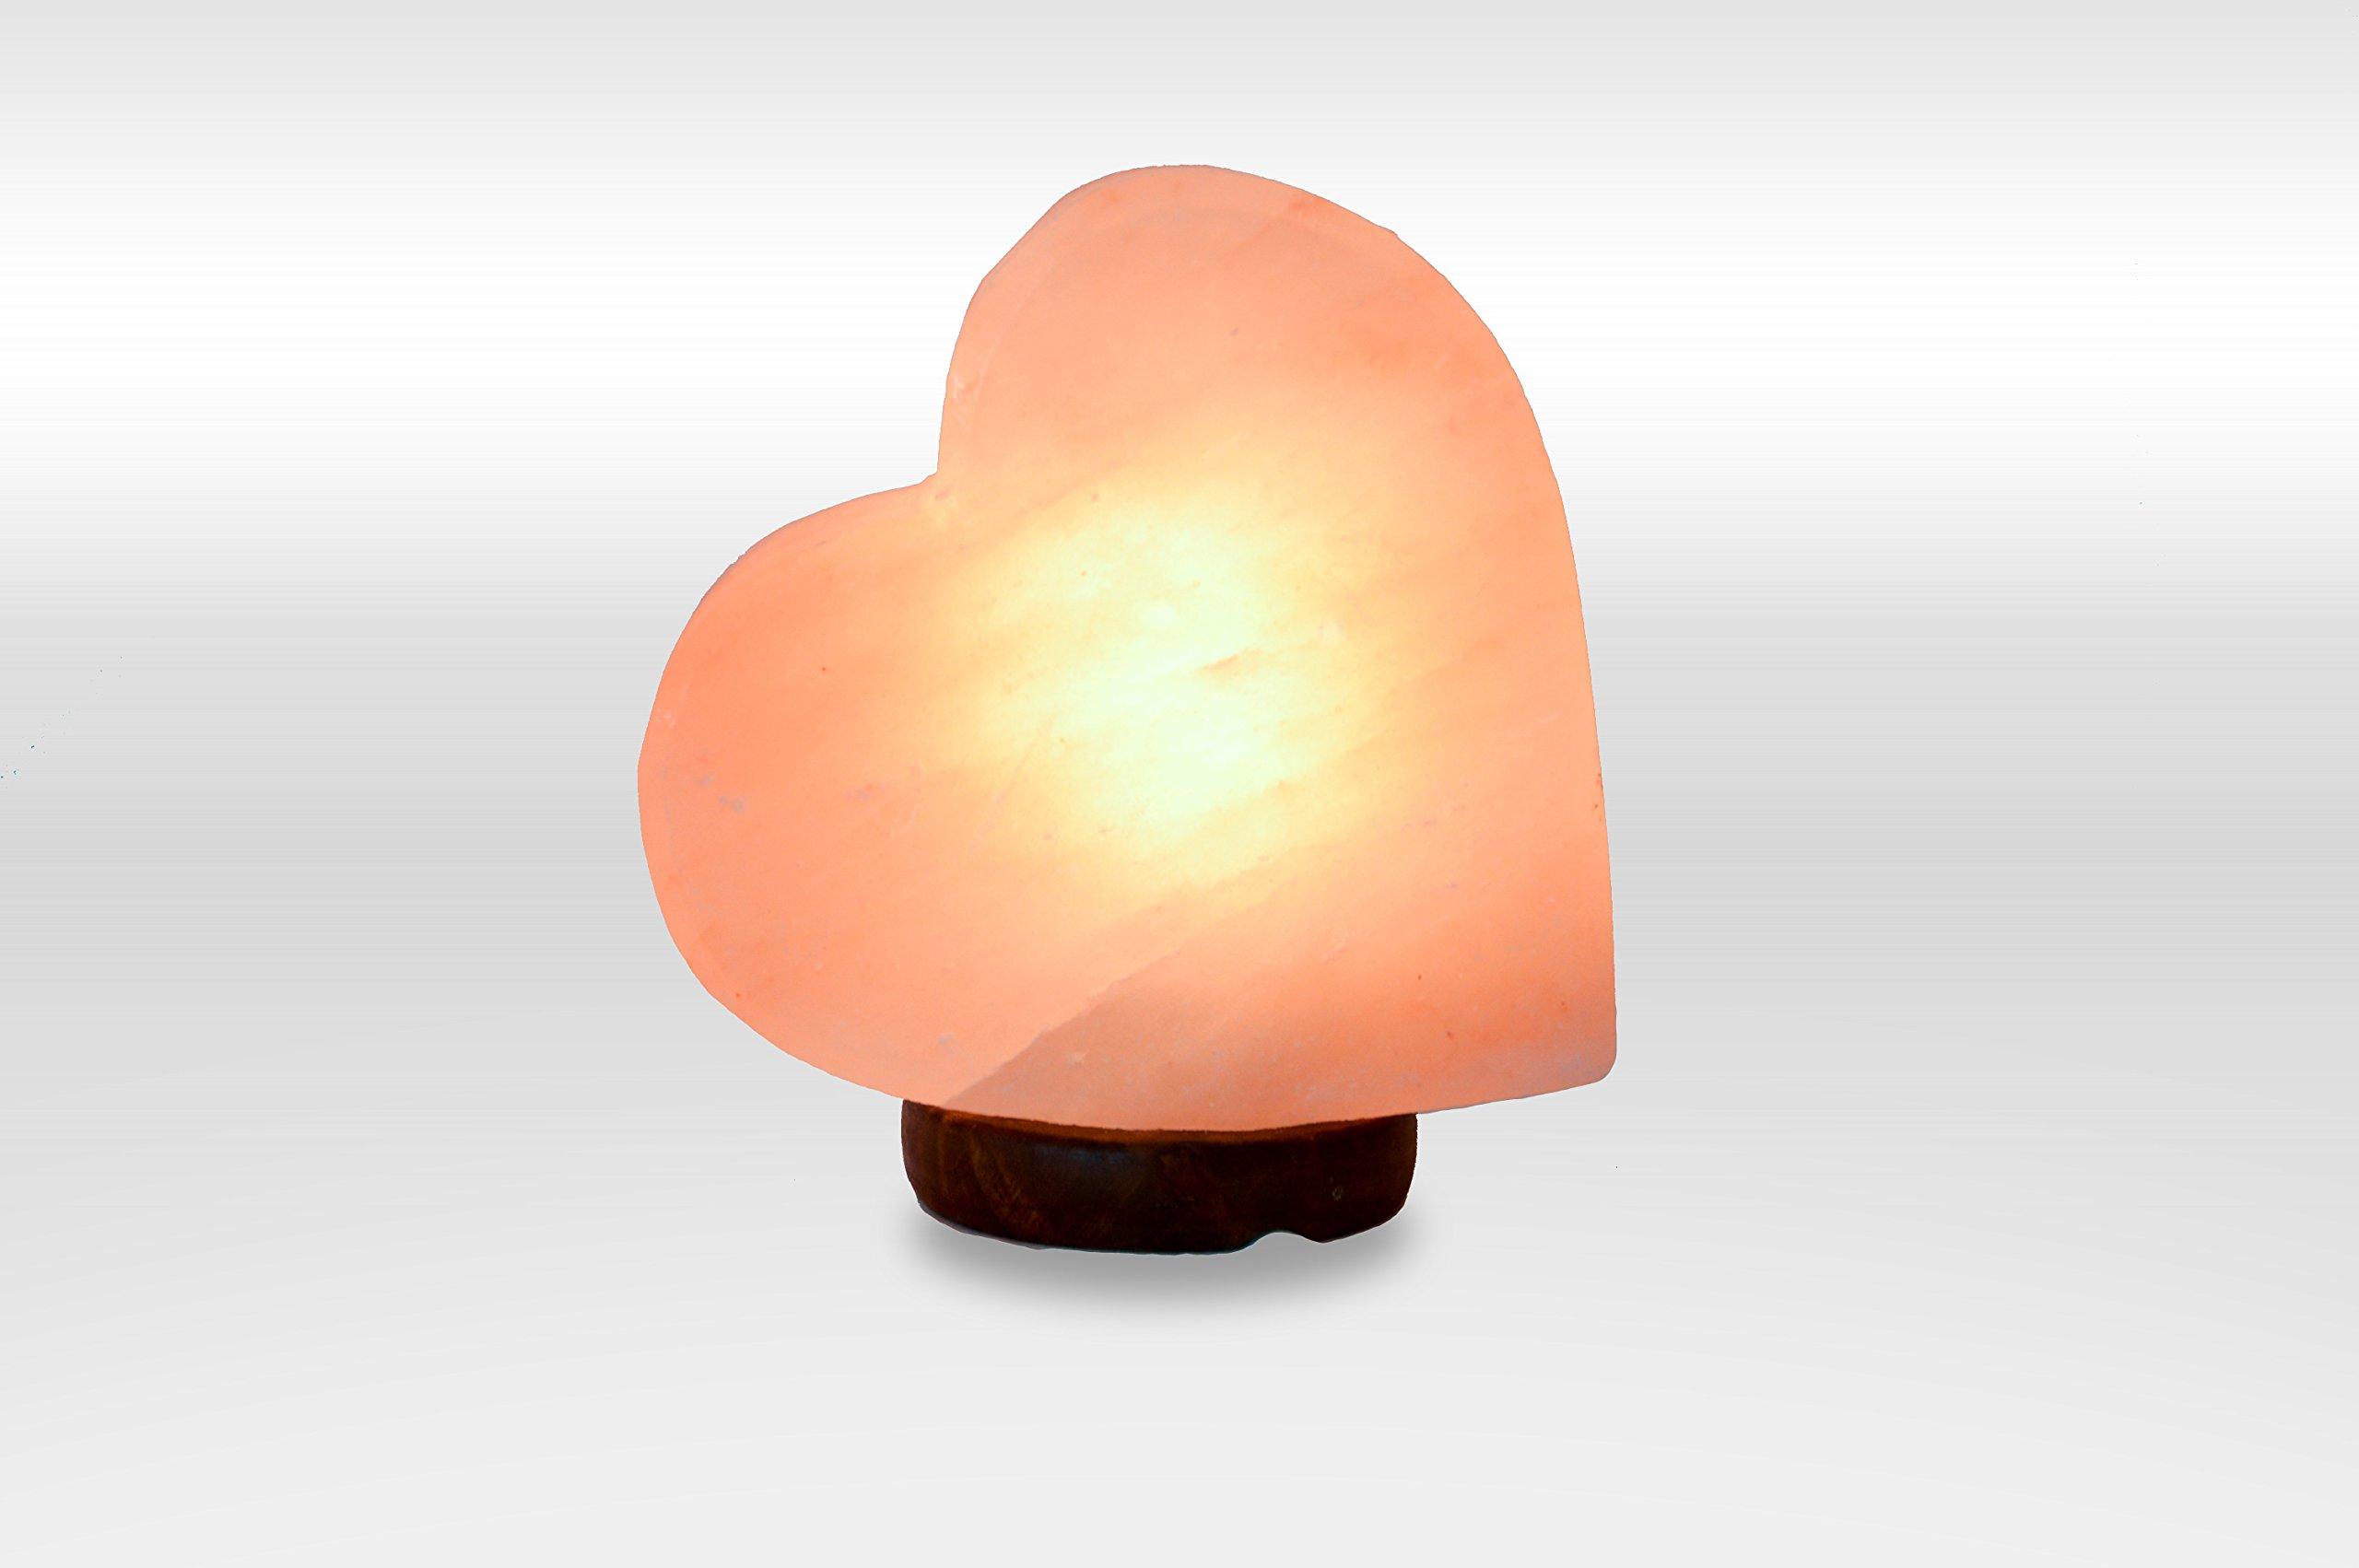 100% Natual Authentic Himalayan Crystal Rock Salt Lamp - DOG SHAPE